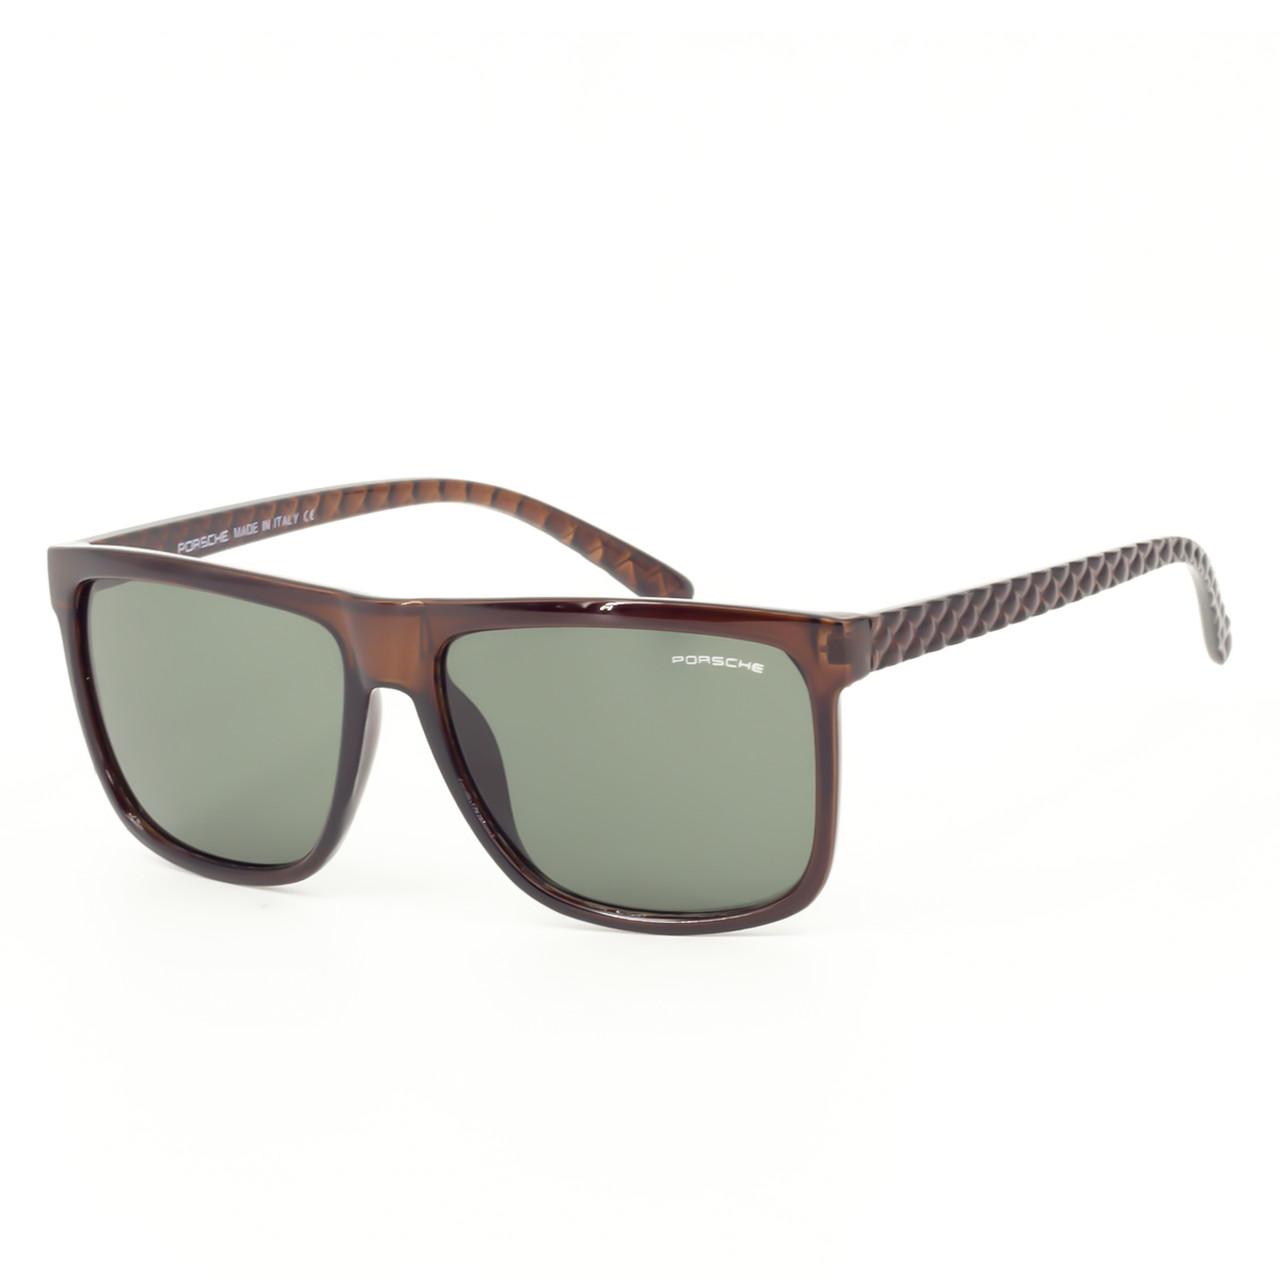 Сонцезахисні окуляри Porsche R2816 C3 коричневі ( R2816-03 )